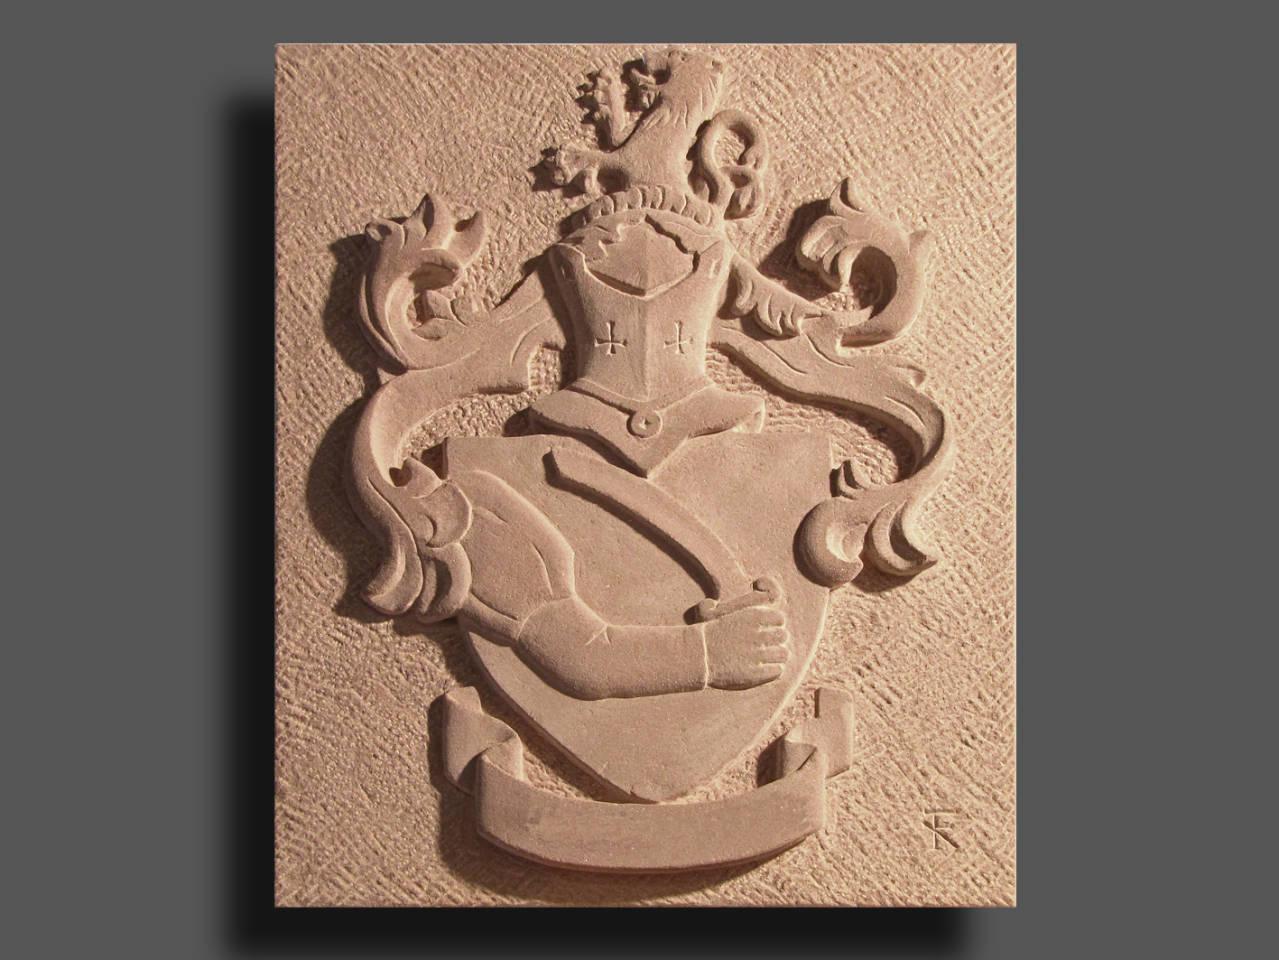 Wappen mit Schwertarm, Dietenhaner Mainsandstein